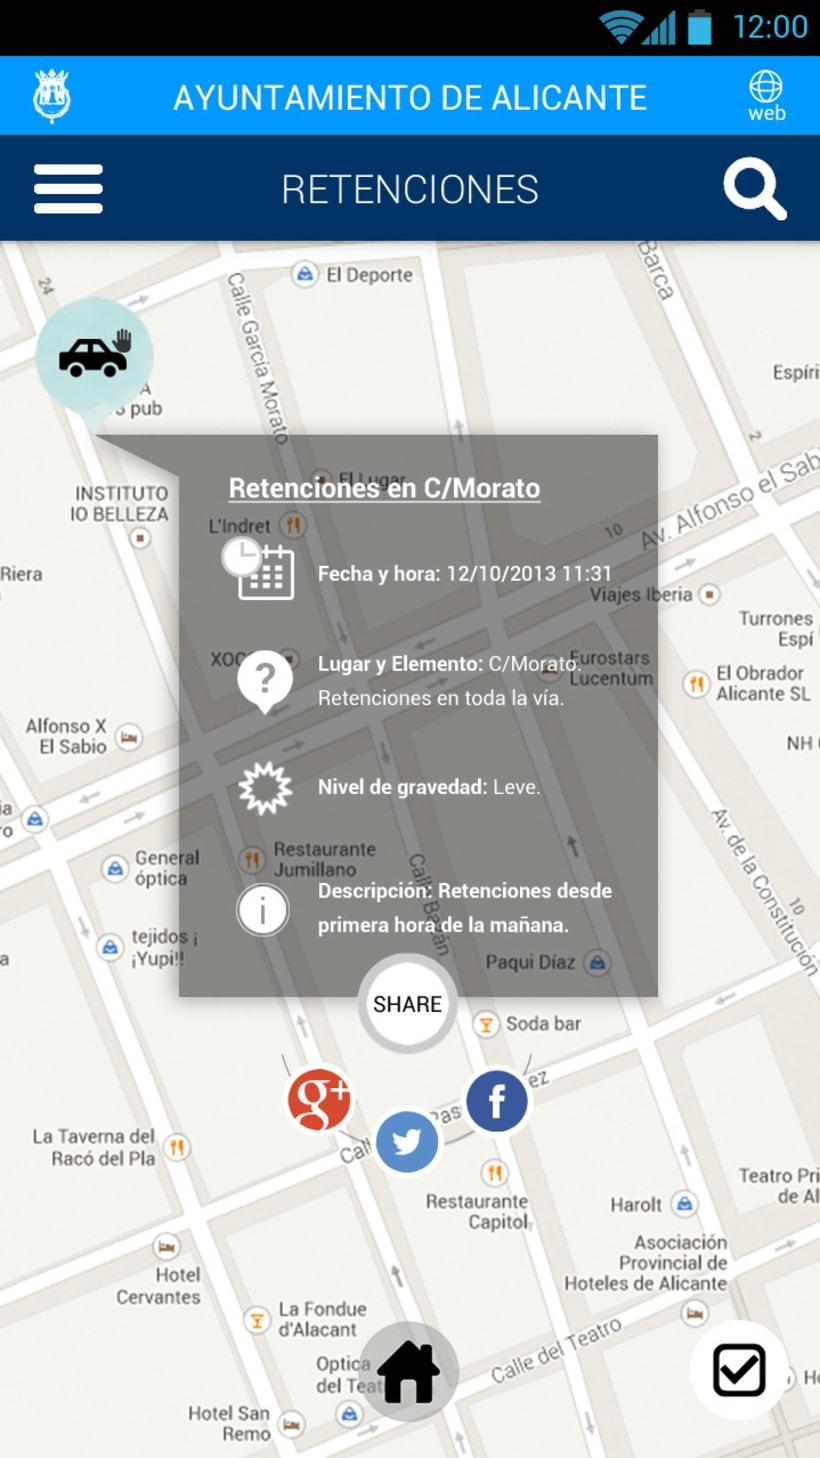 Tráfico de Alicante mobile app 4